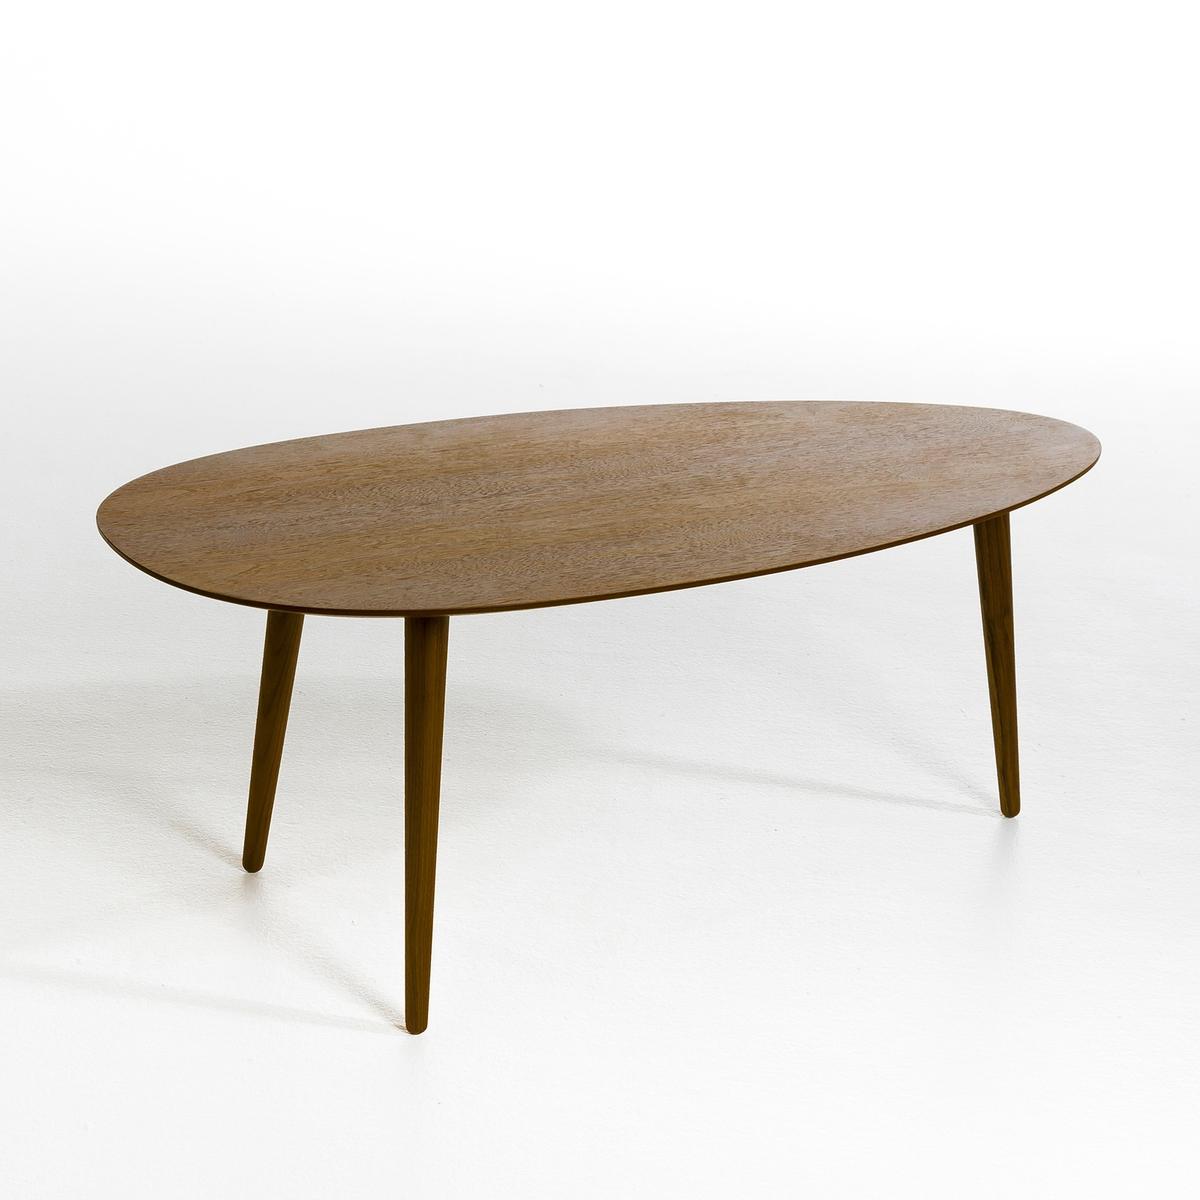 Фото Журнальный столик из каучукового дерева с лакированным покрытием  Дл100 см, Flashback. Купить с доставкой